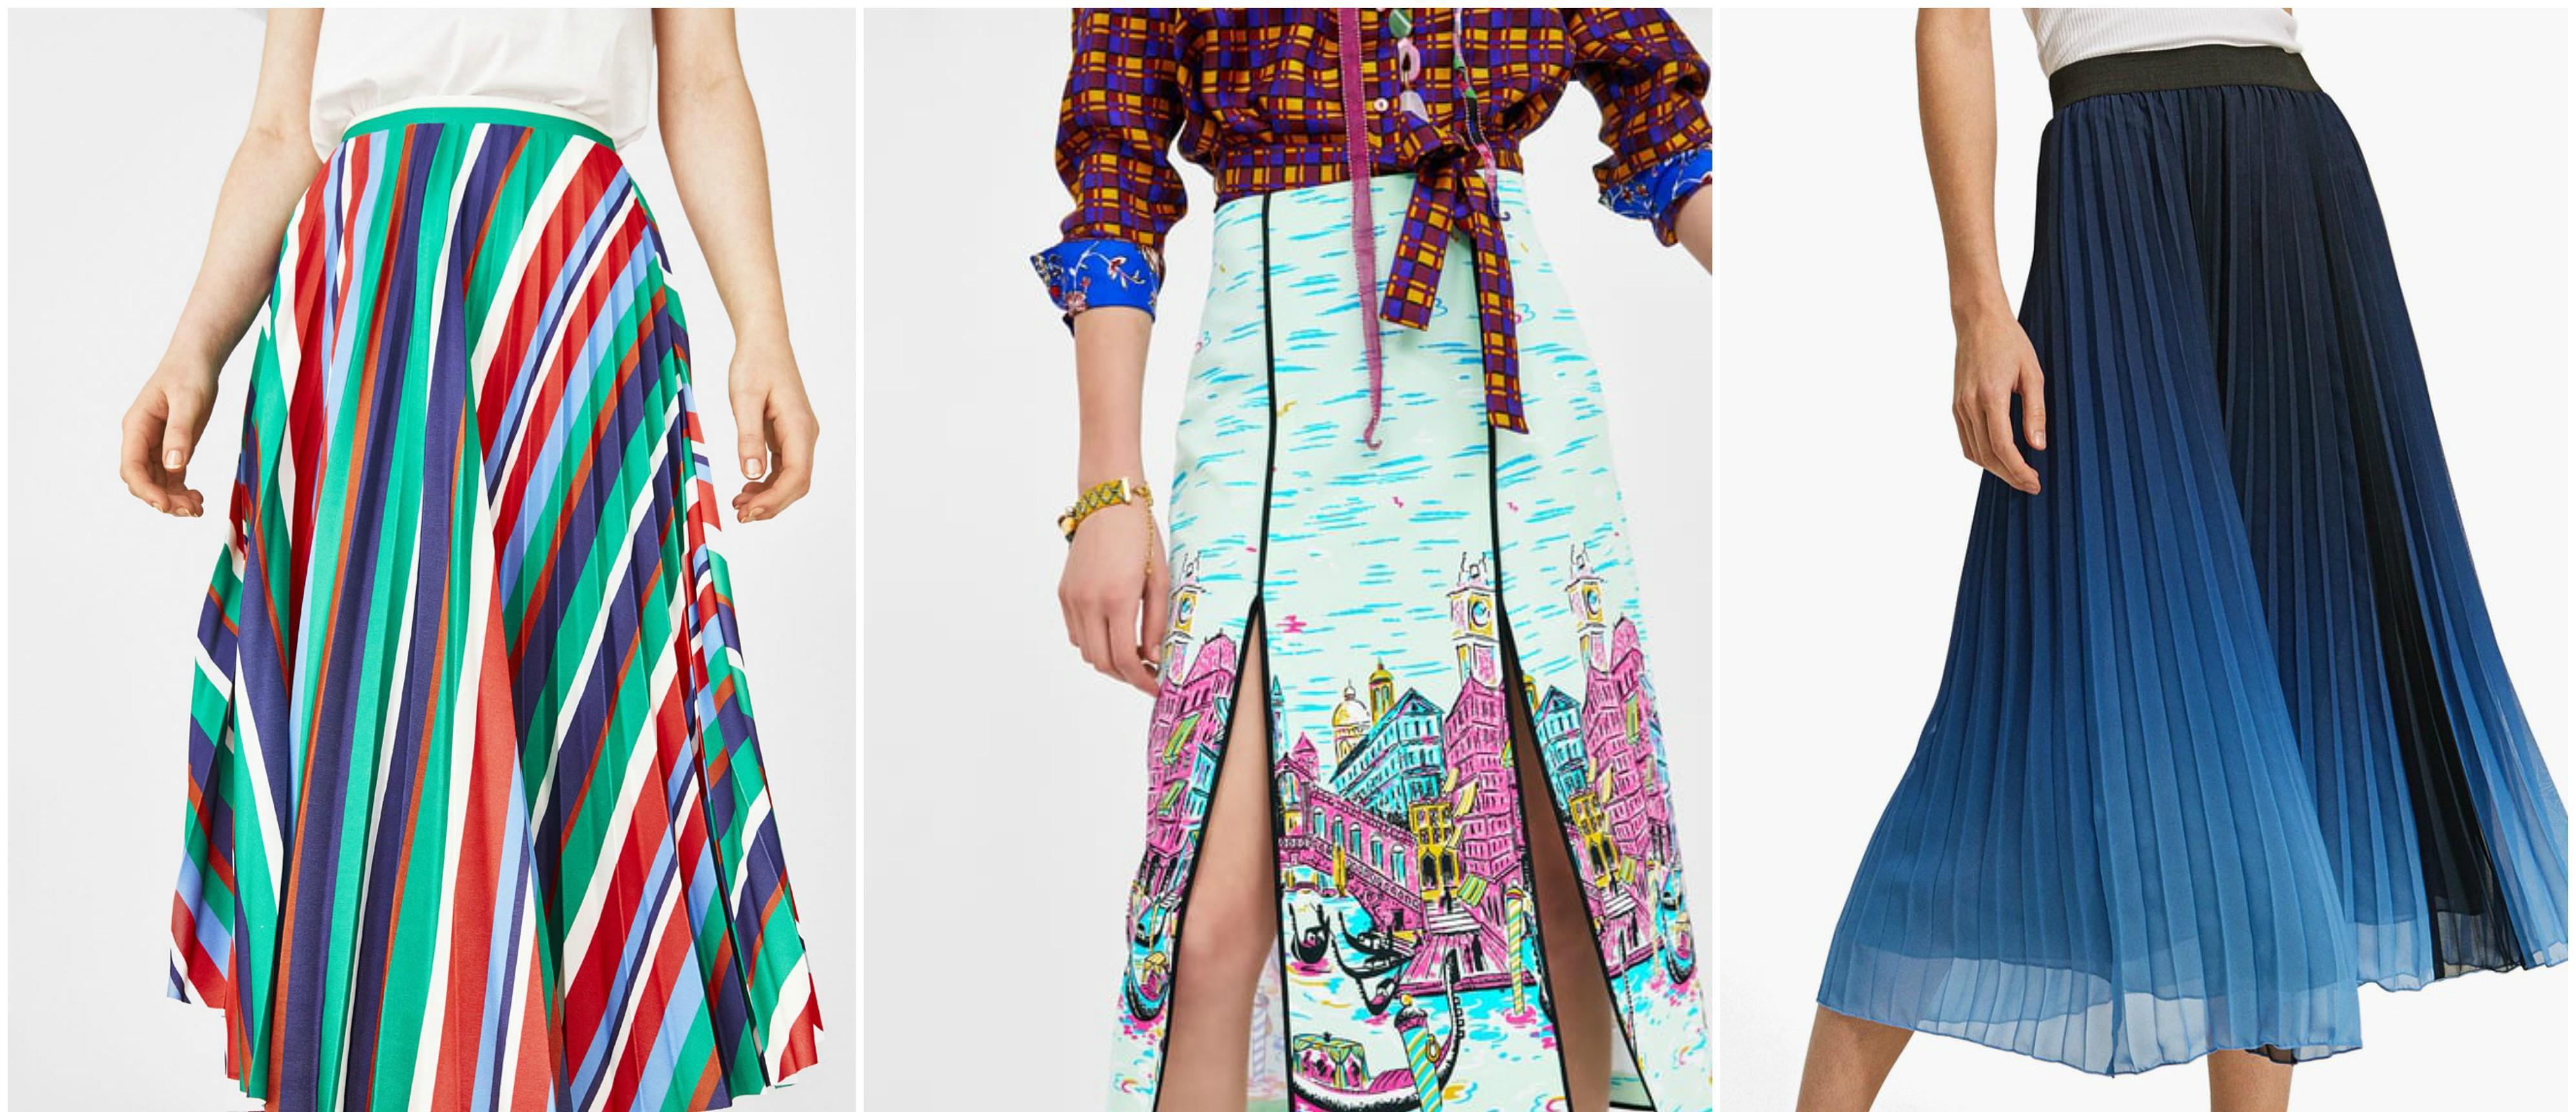 Ovog proljeća suknje su baš neobične - izabrali smo najljepše modele u kojima možete zablistati